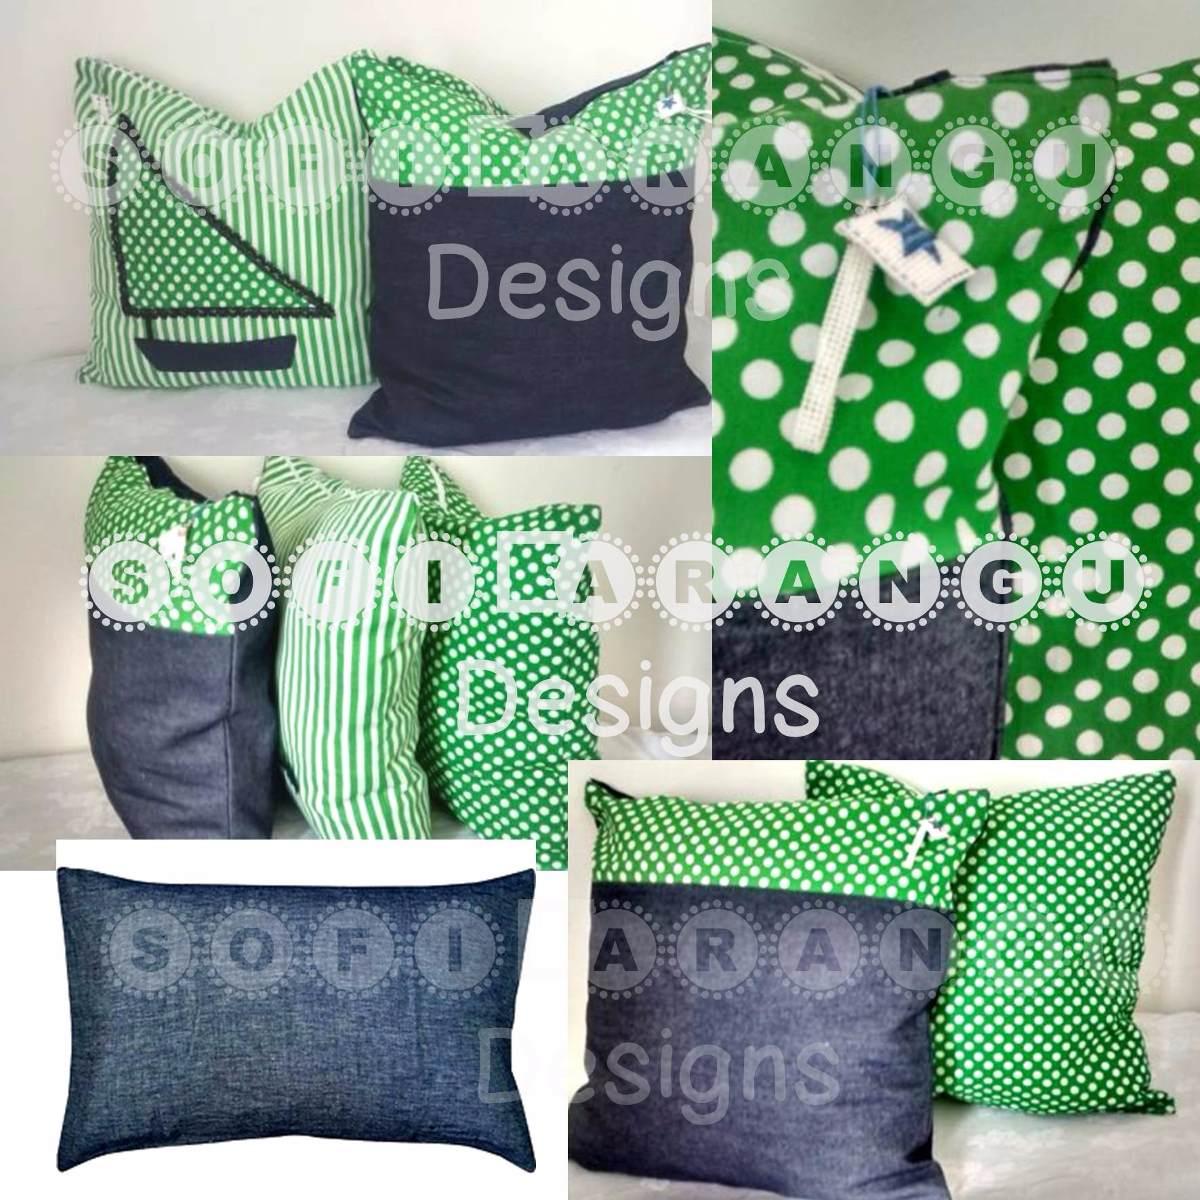 Cojines decorativos artesanales hechos a mano bs 950 - Cojines de lana hechos a mano ...